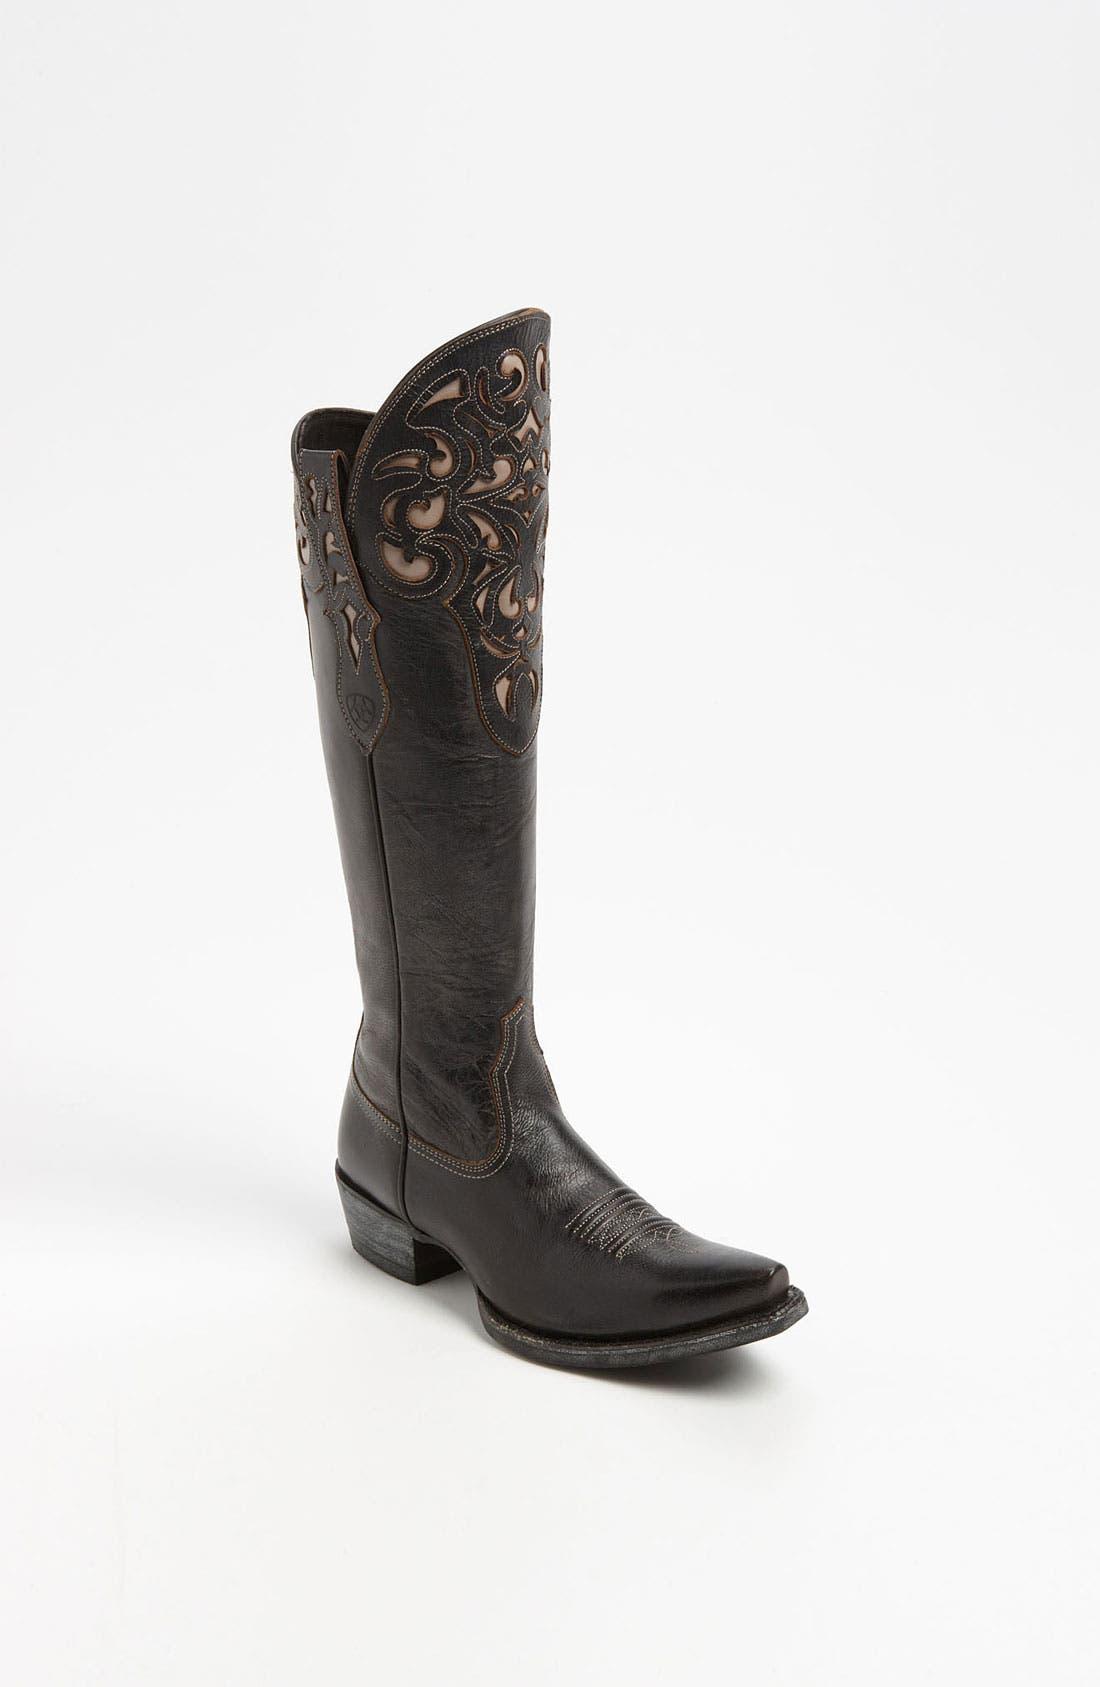 Alternate Image 1 Selected - Ariat 'Hacienda' Boot